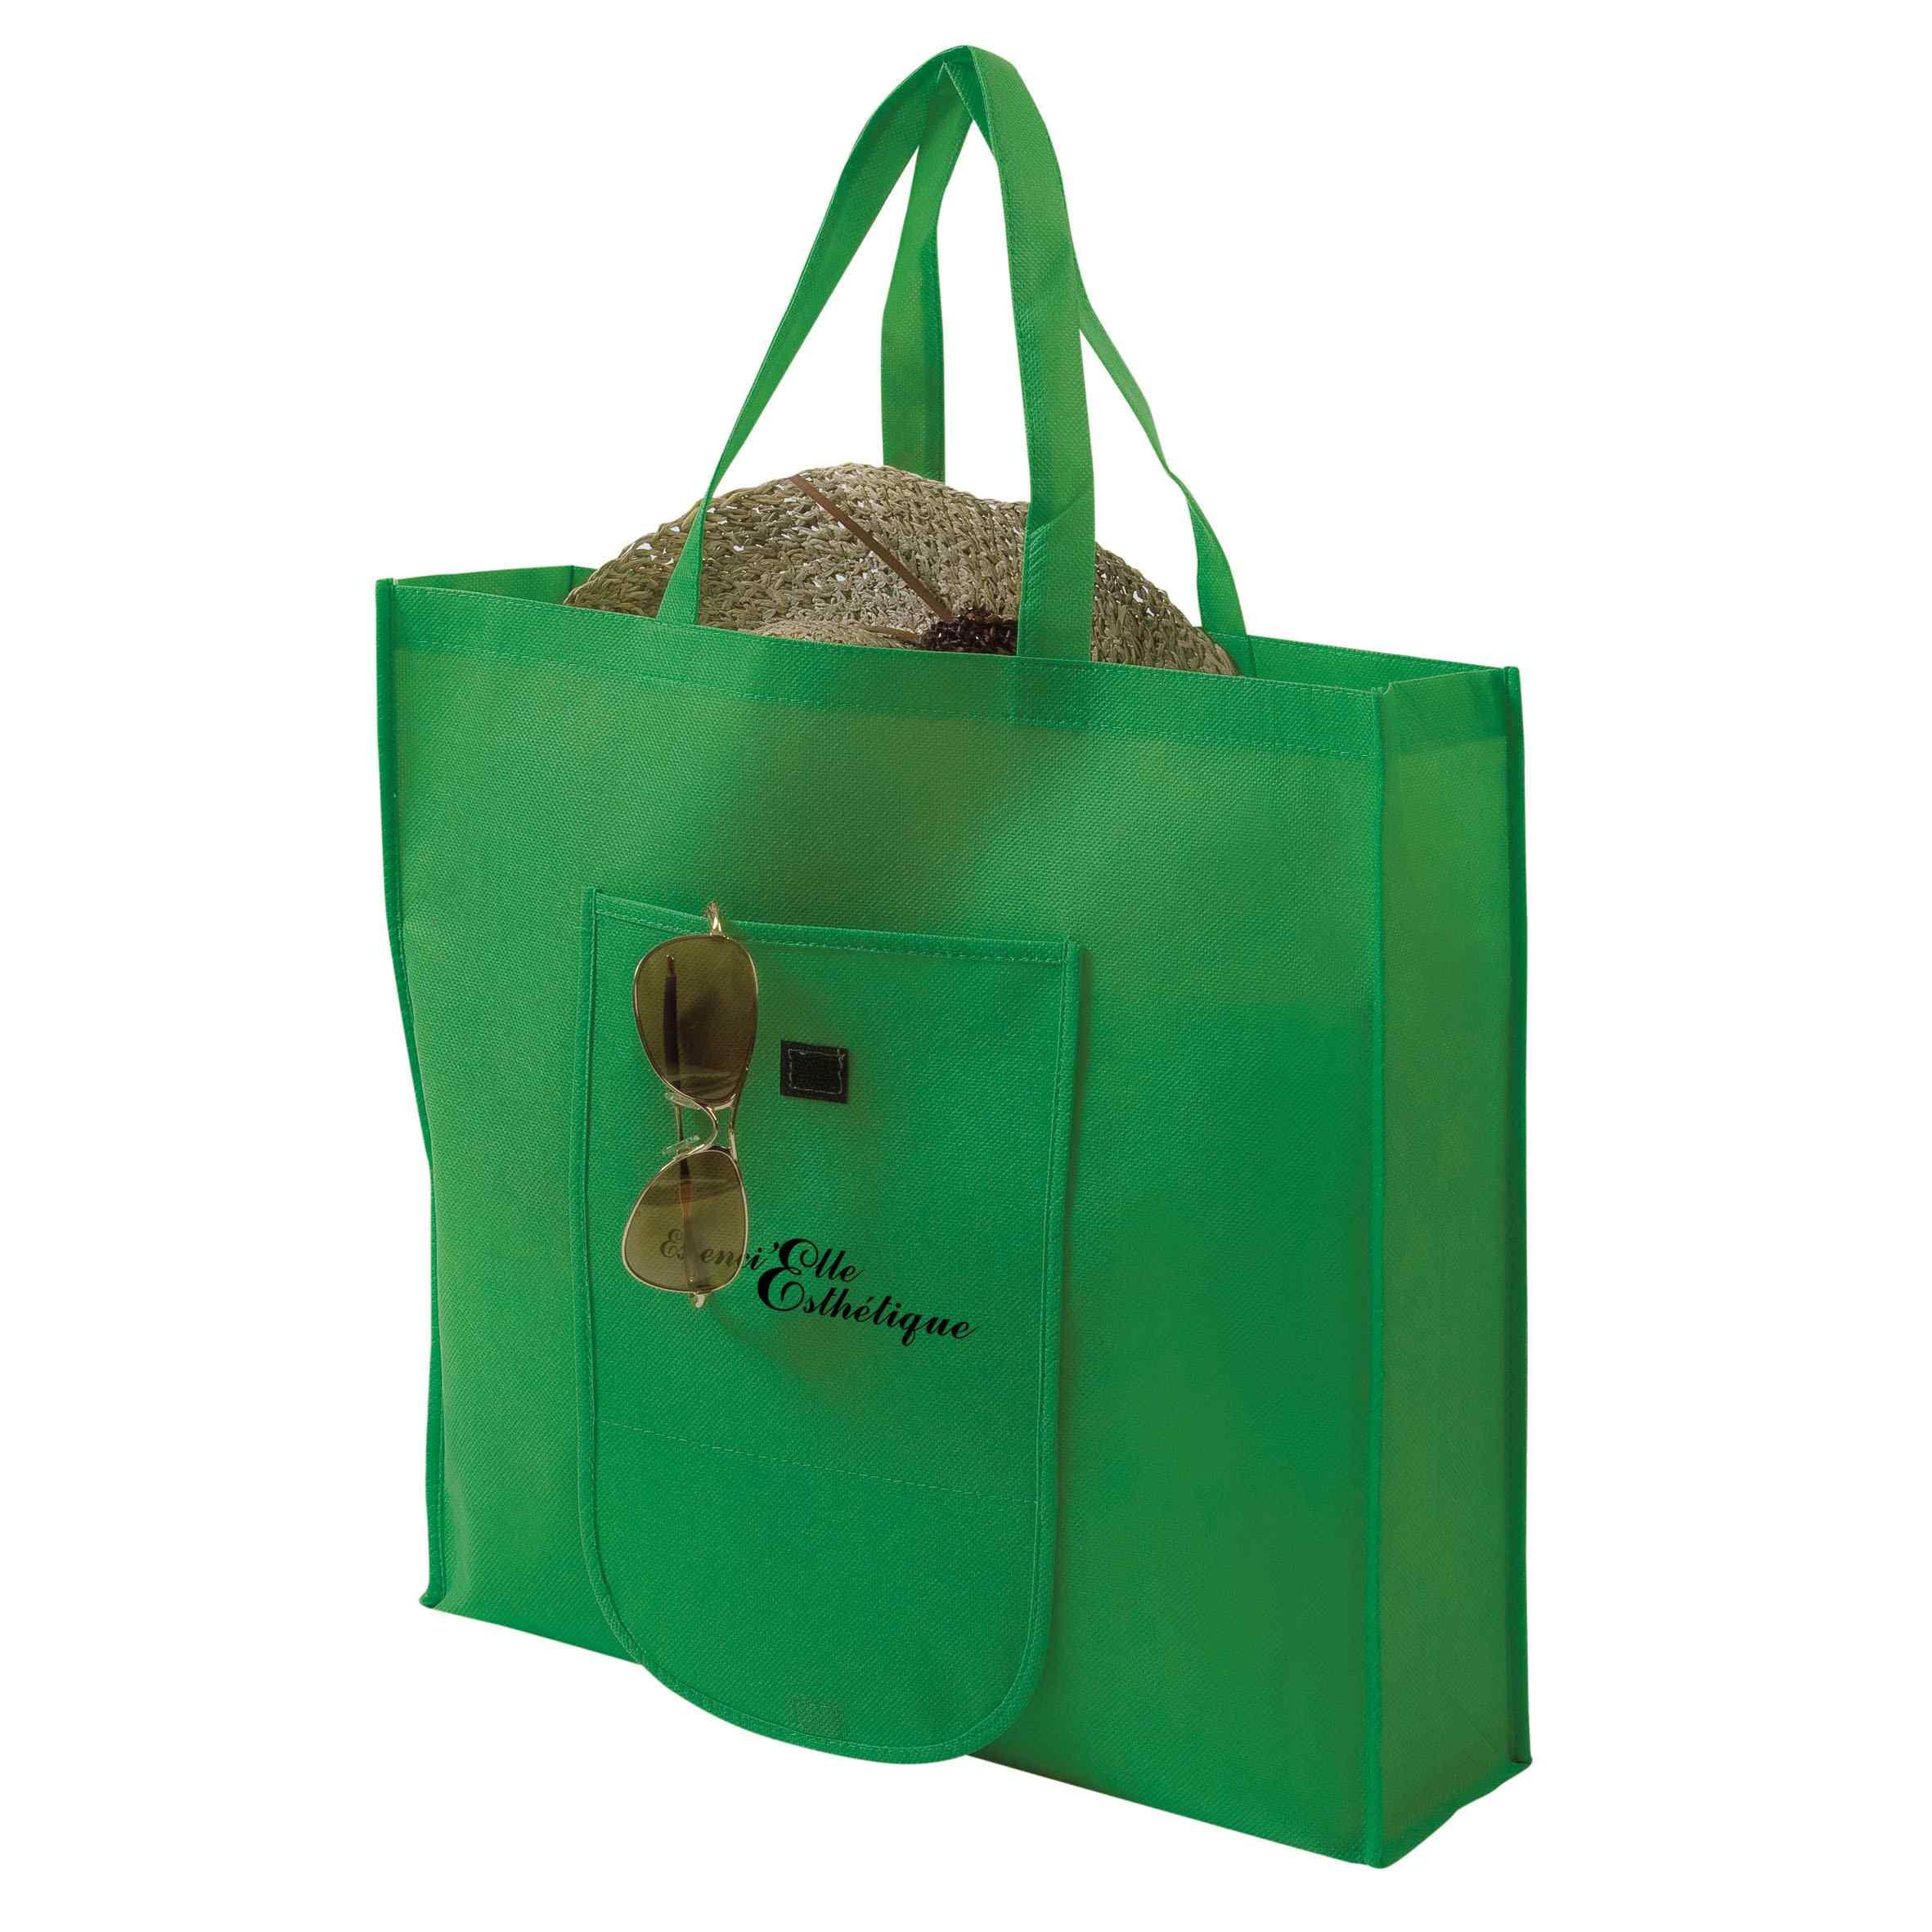 Sac shopping publicitaire pliable non tissé Pochette - Objet publicitaire